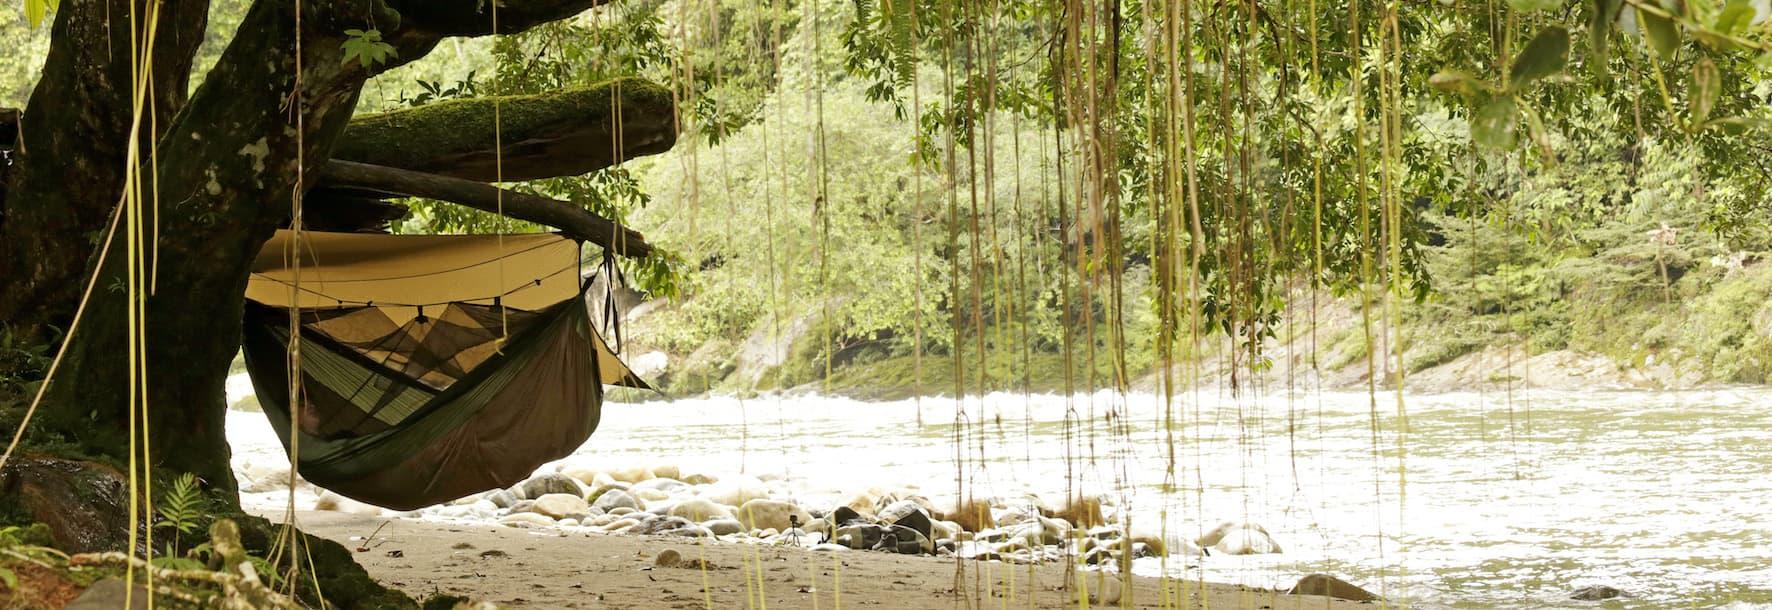 Amazonas UL_Hängematten